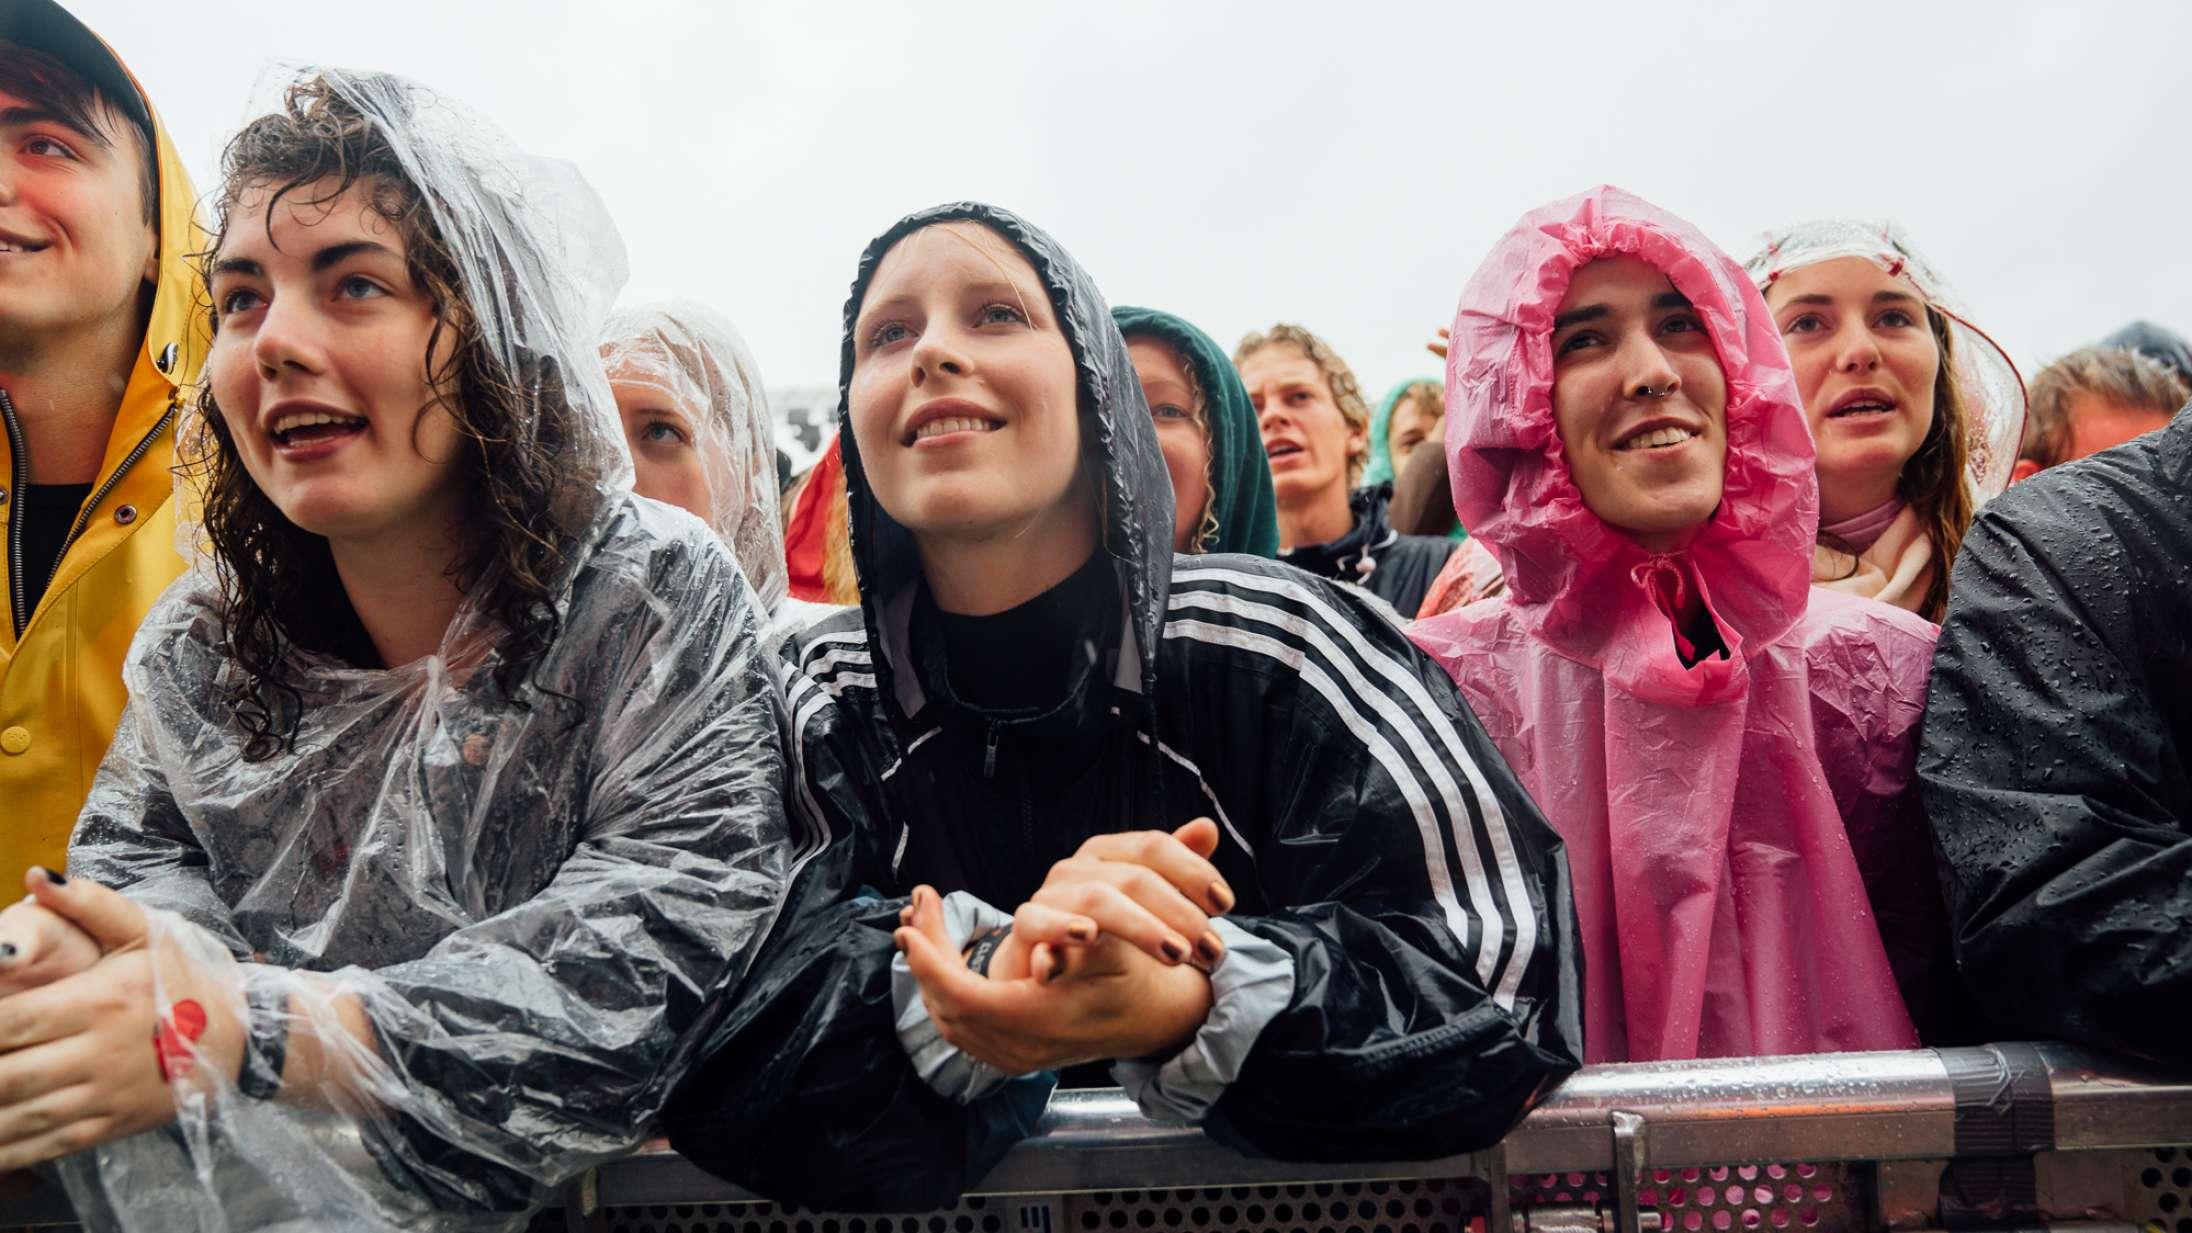 5.000 billetter til næste års Roskilde Festival kan kun købes af personer under 25 år